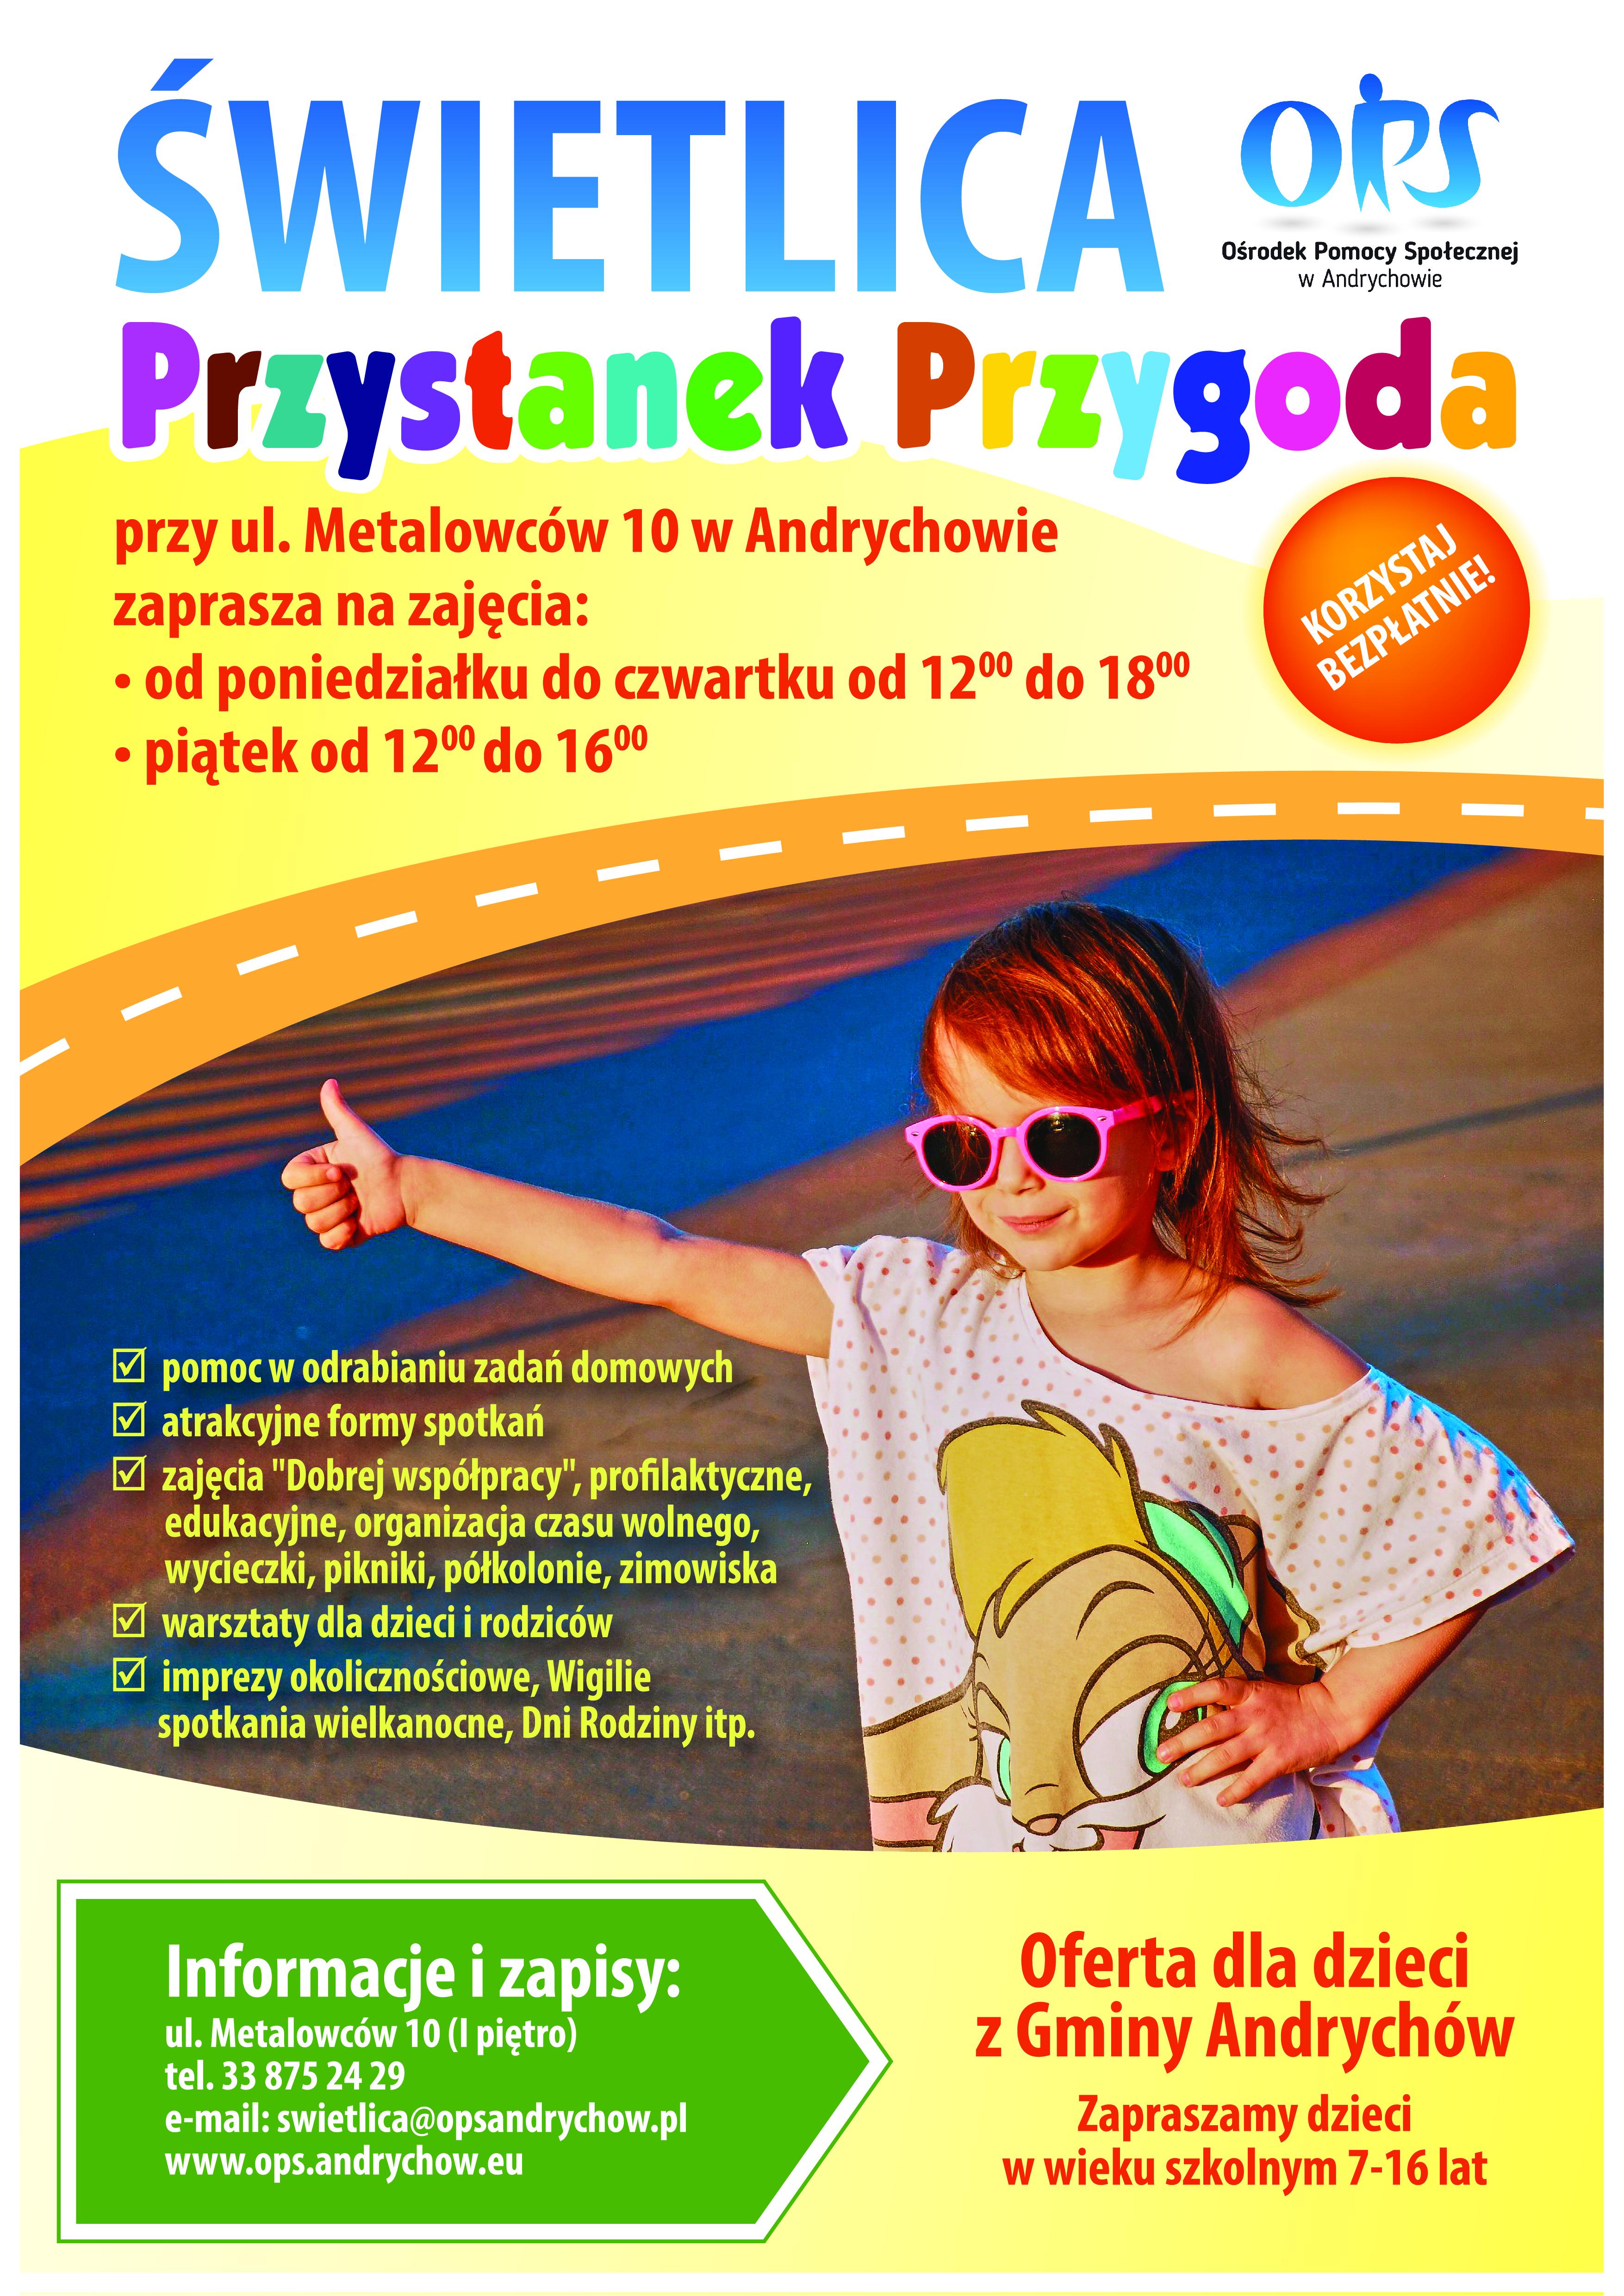 Plakat z informacjami zawartymi w treści artykułu, na plakacie zdjęcie uśmiechniętej dziewczynki w okularach przeciwsłonecznych, która stoi przy drodze z kciukiem podniesionym do góry